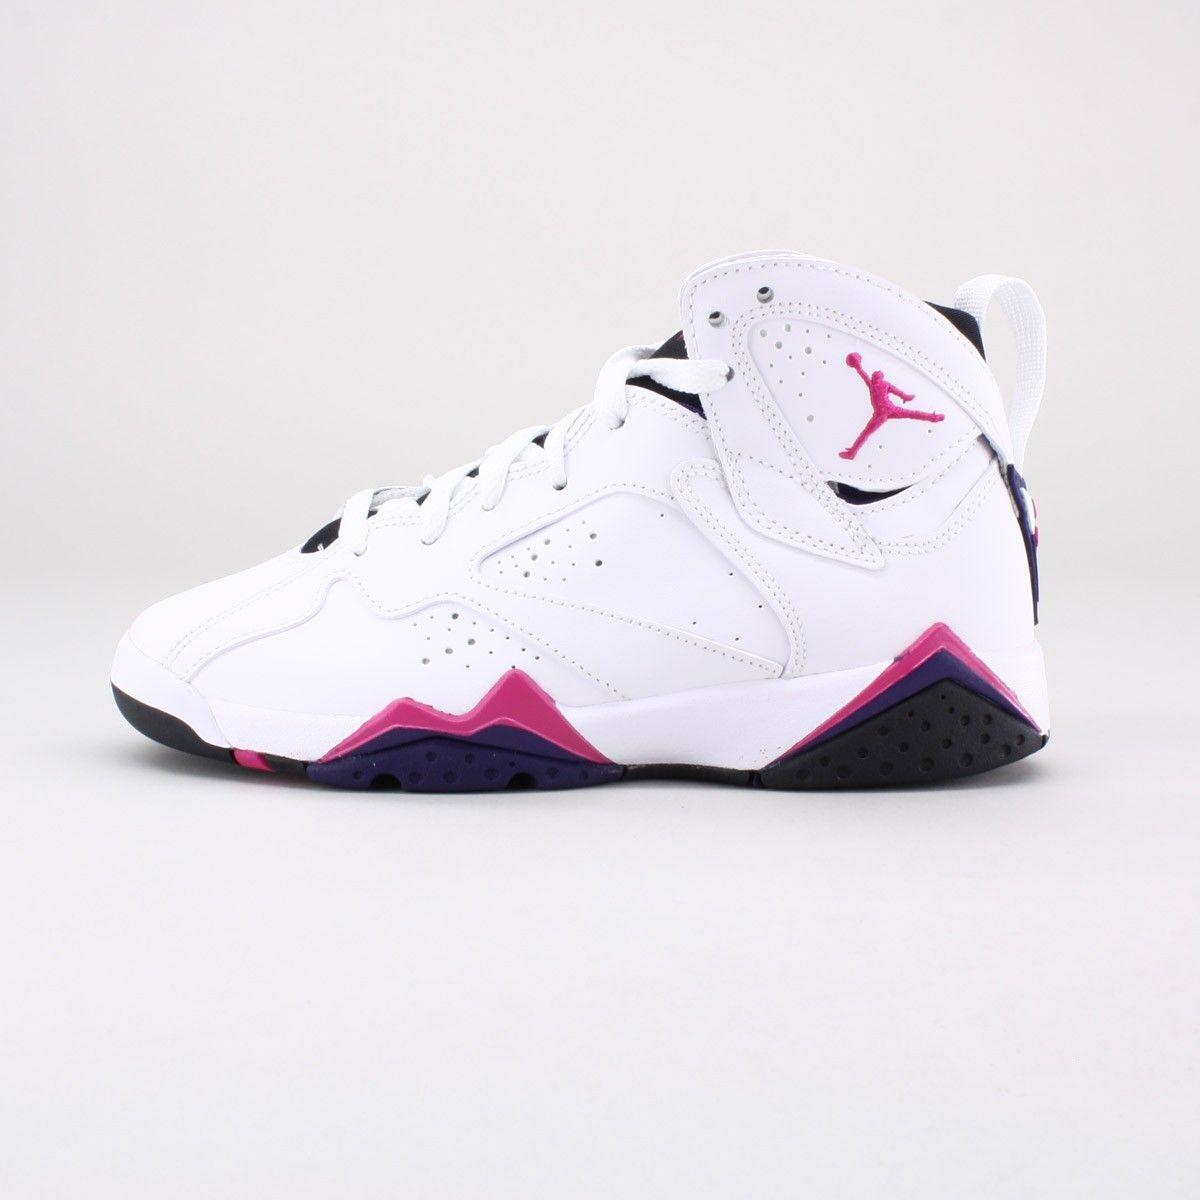 d6fee5b75af5 Jordans Shoe For Girls Only